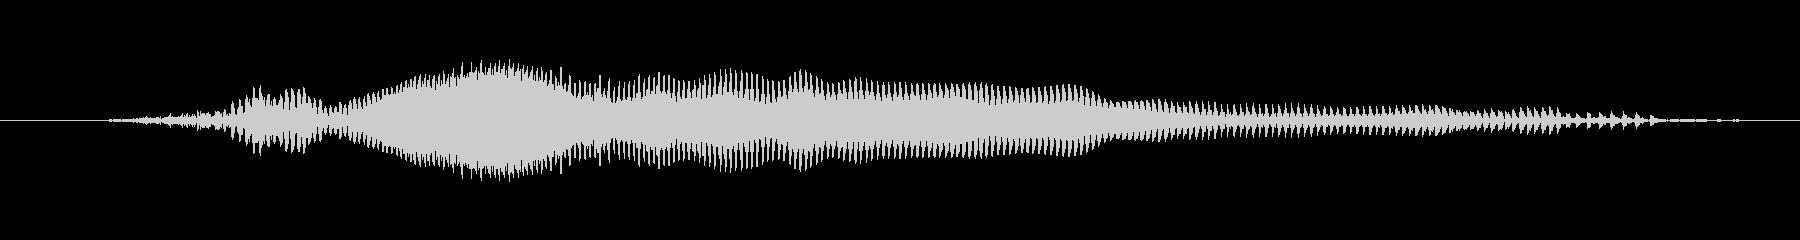 鳴き声 男性不満ハッピー04の未再生の波形